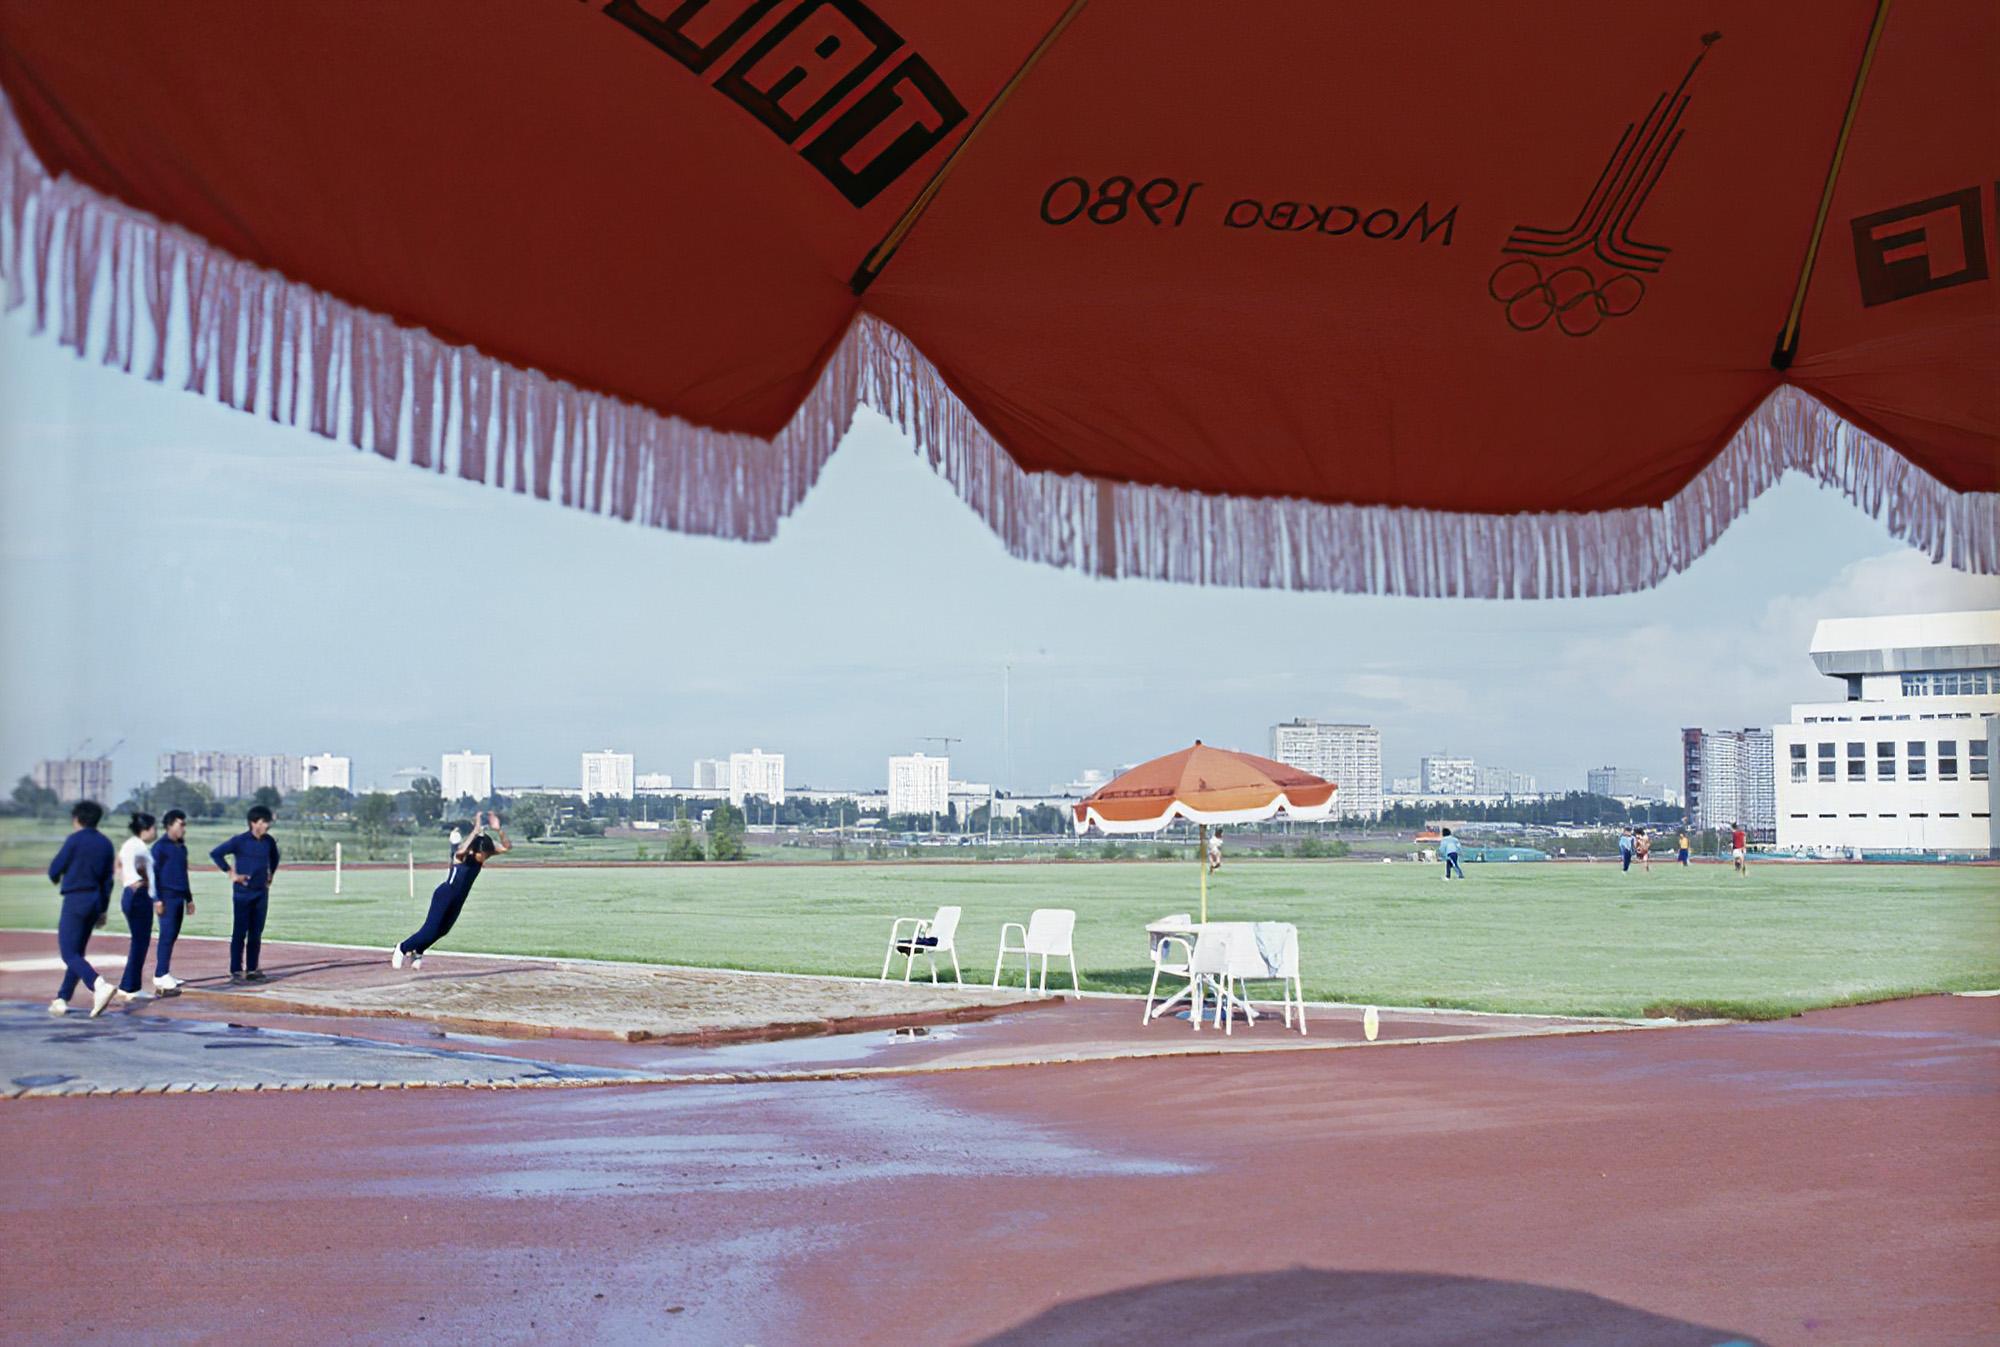 1980 Спортивная зона в Олимпийской деревне. Виталий Арутюнов_cmpk